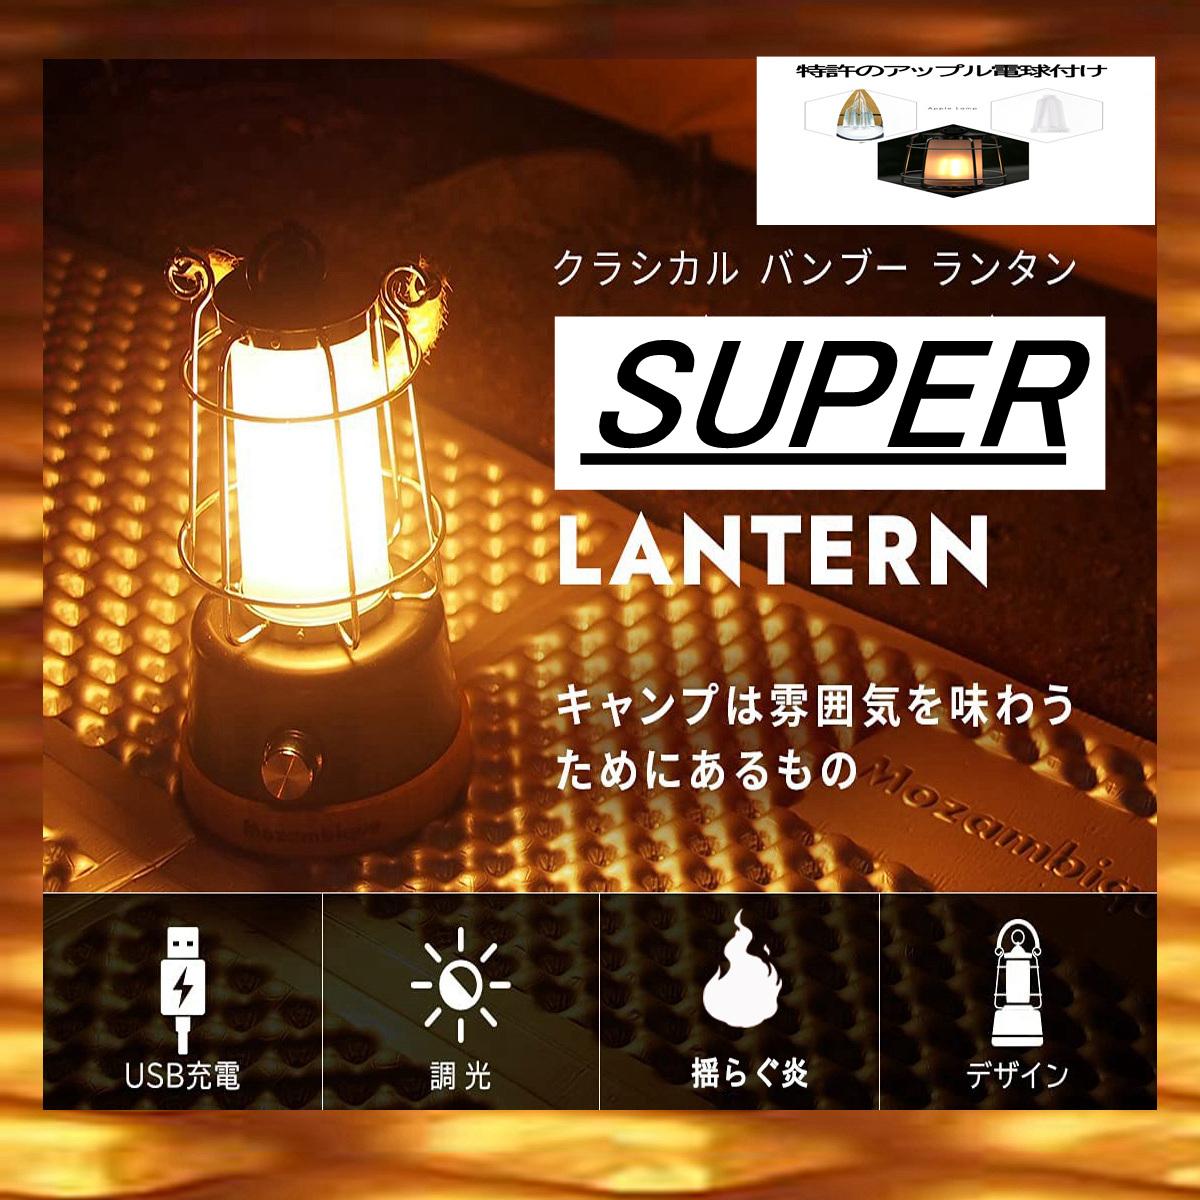 SALE 2021新仕様 ランプ ランプ2021新仕様 キャップ USB充電 雰囲気 パーティーパブの装飾 ギフト 照明 パーティー 誕生日 ビジネスなどのギフトとして最適 お祭り 品質保証